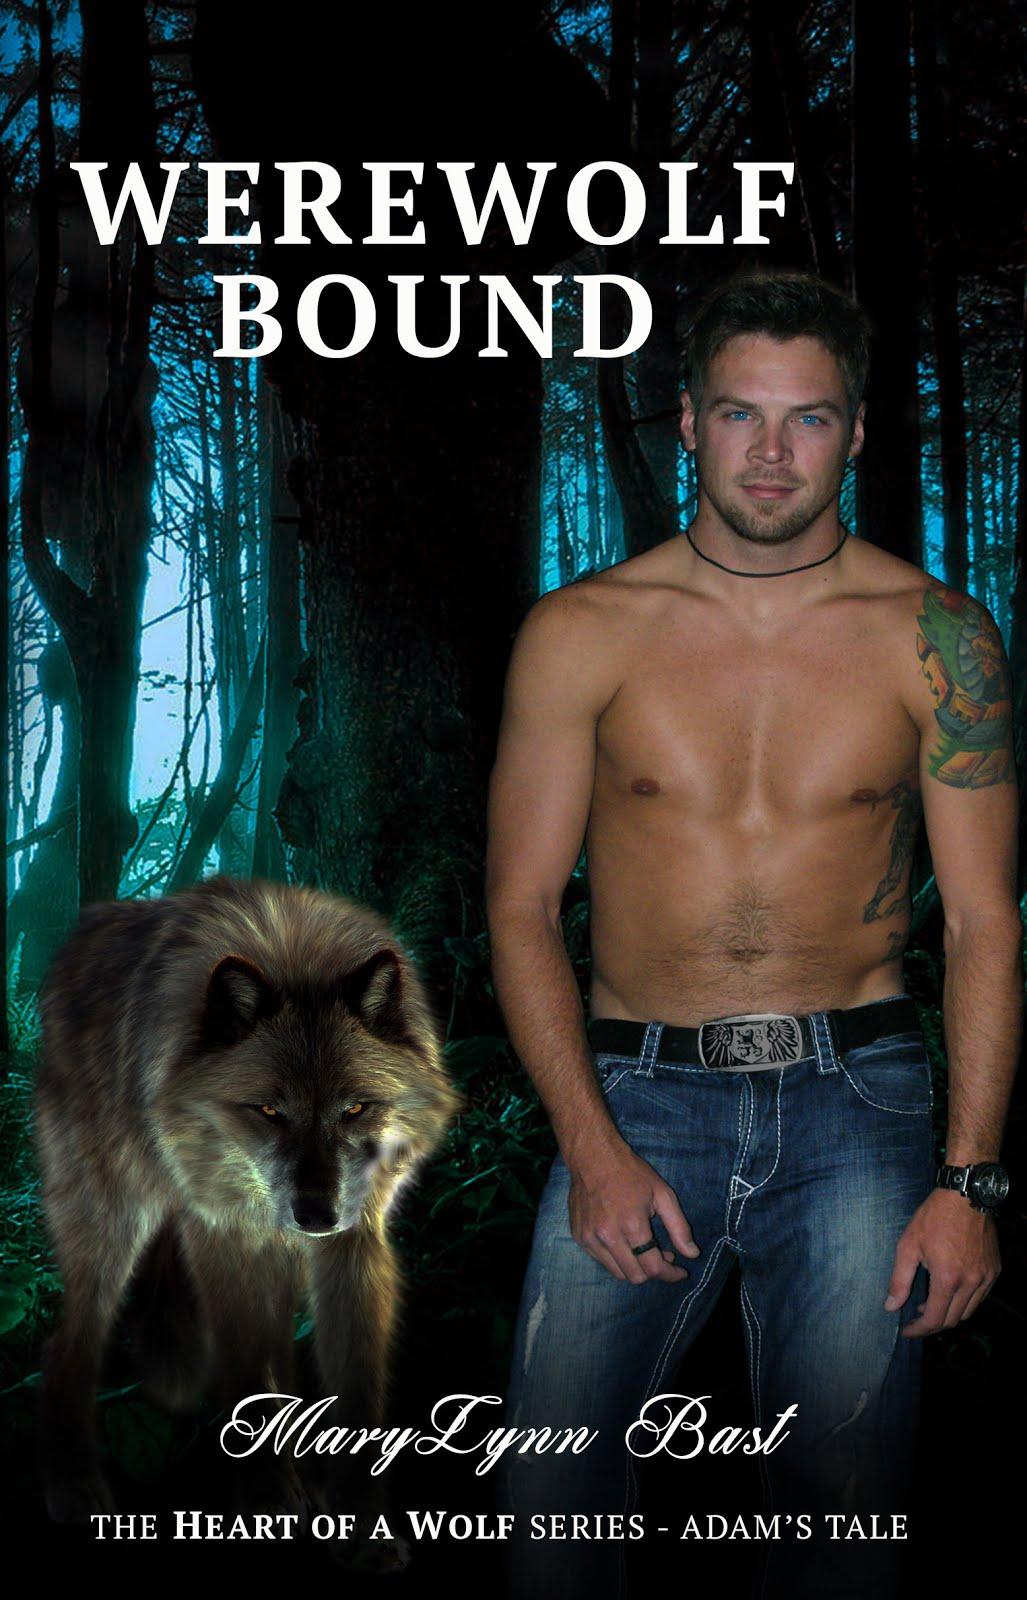 Werewolf Bound